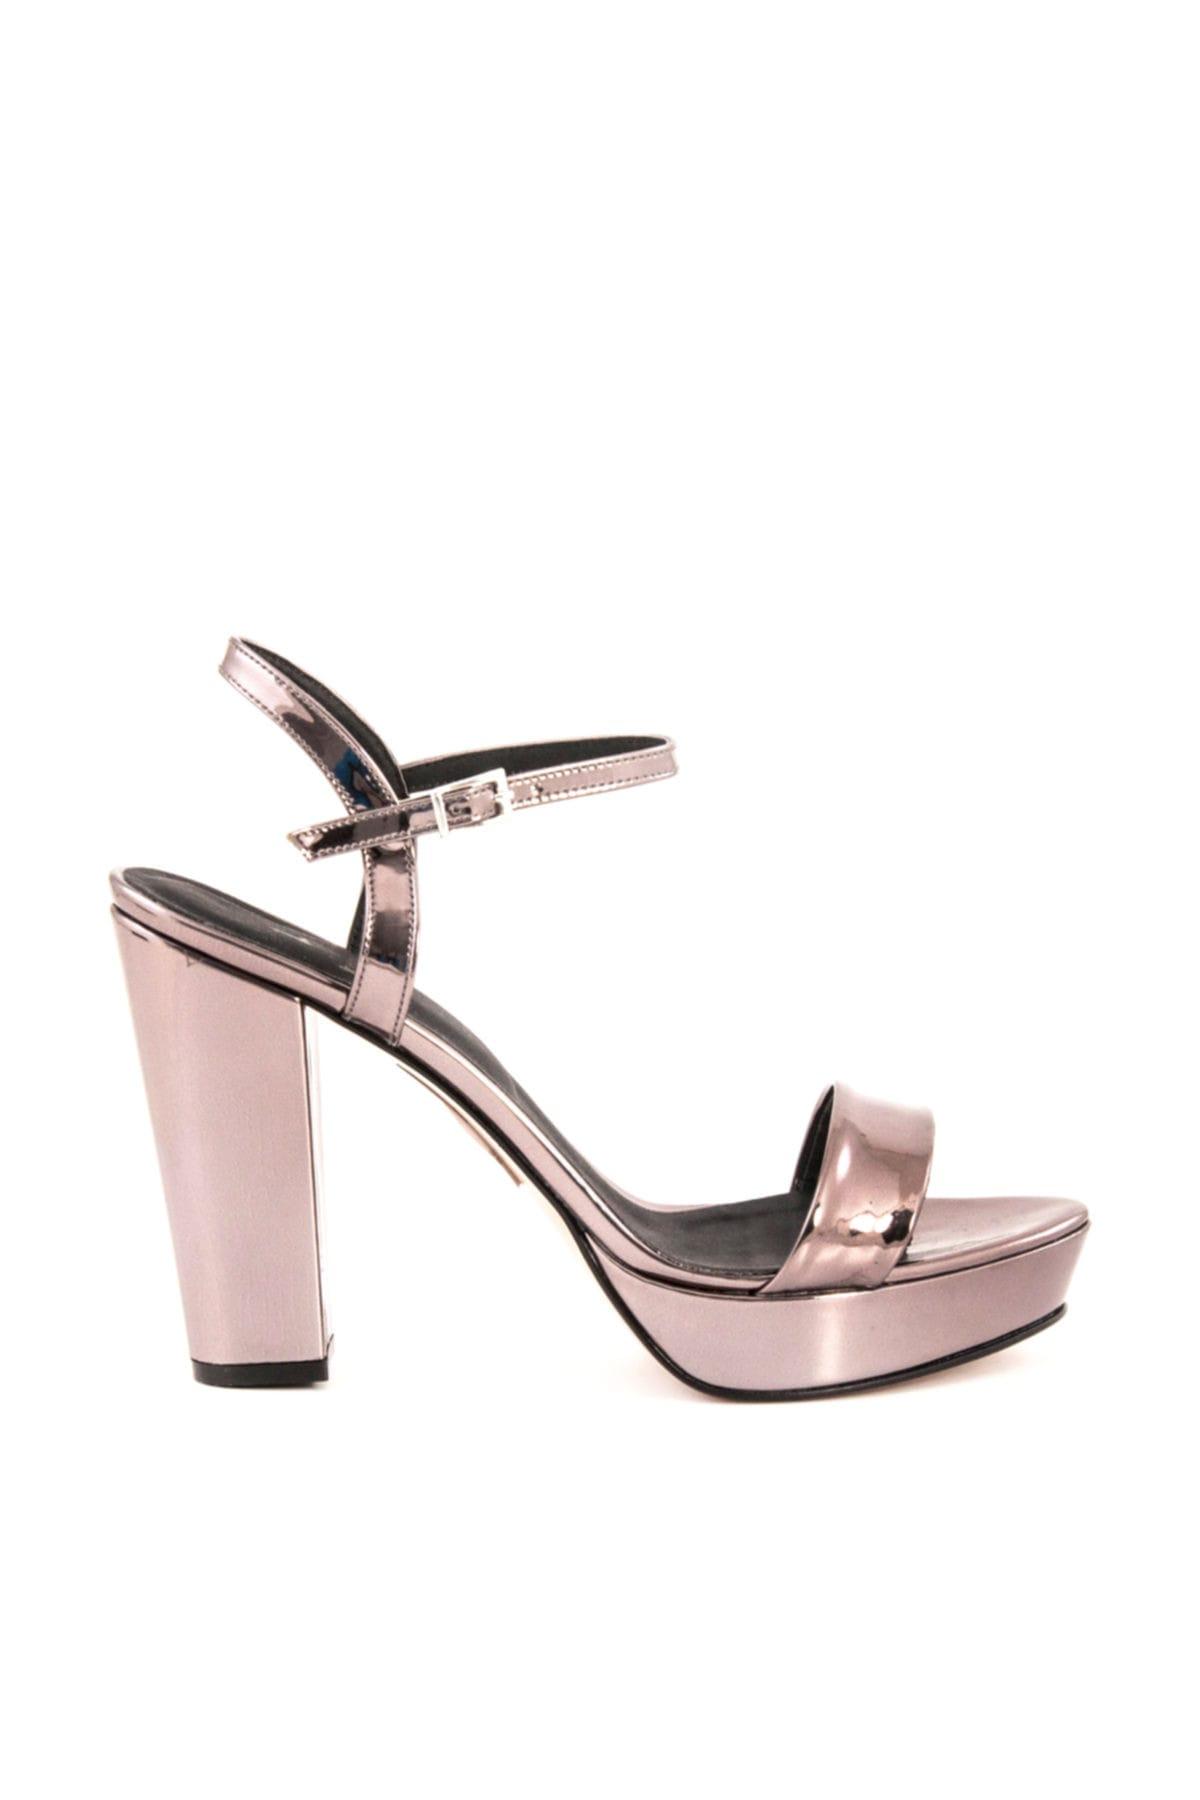 Tanca Platin Kadın Klasik Topuklu Ayakkabı  162Tck456 604 1